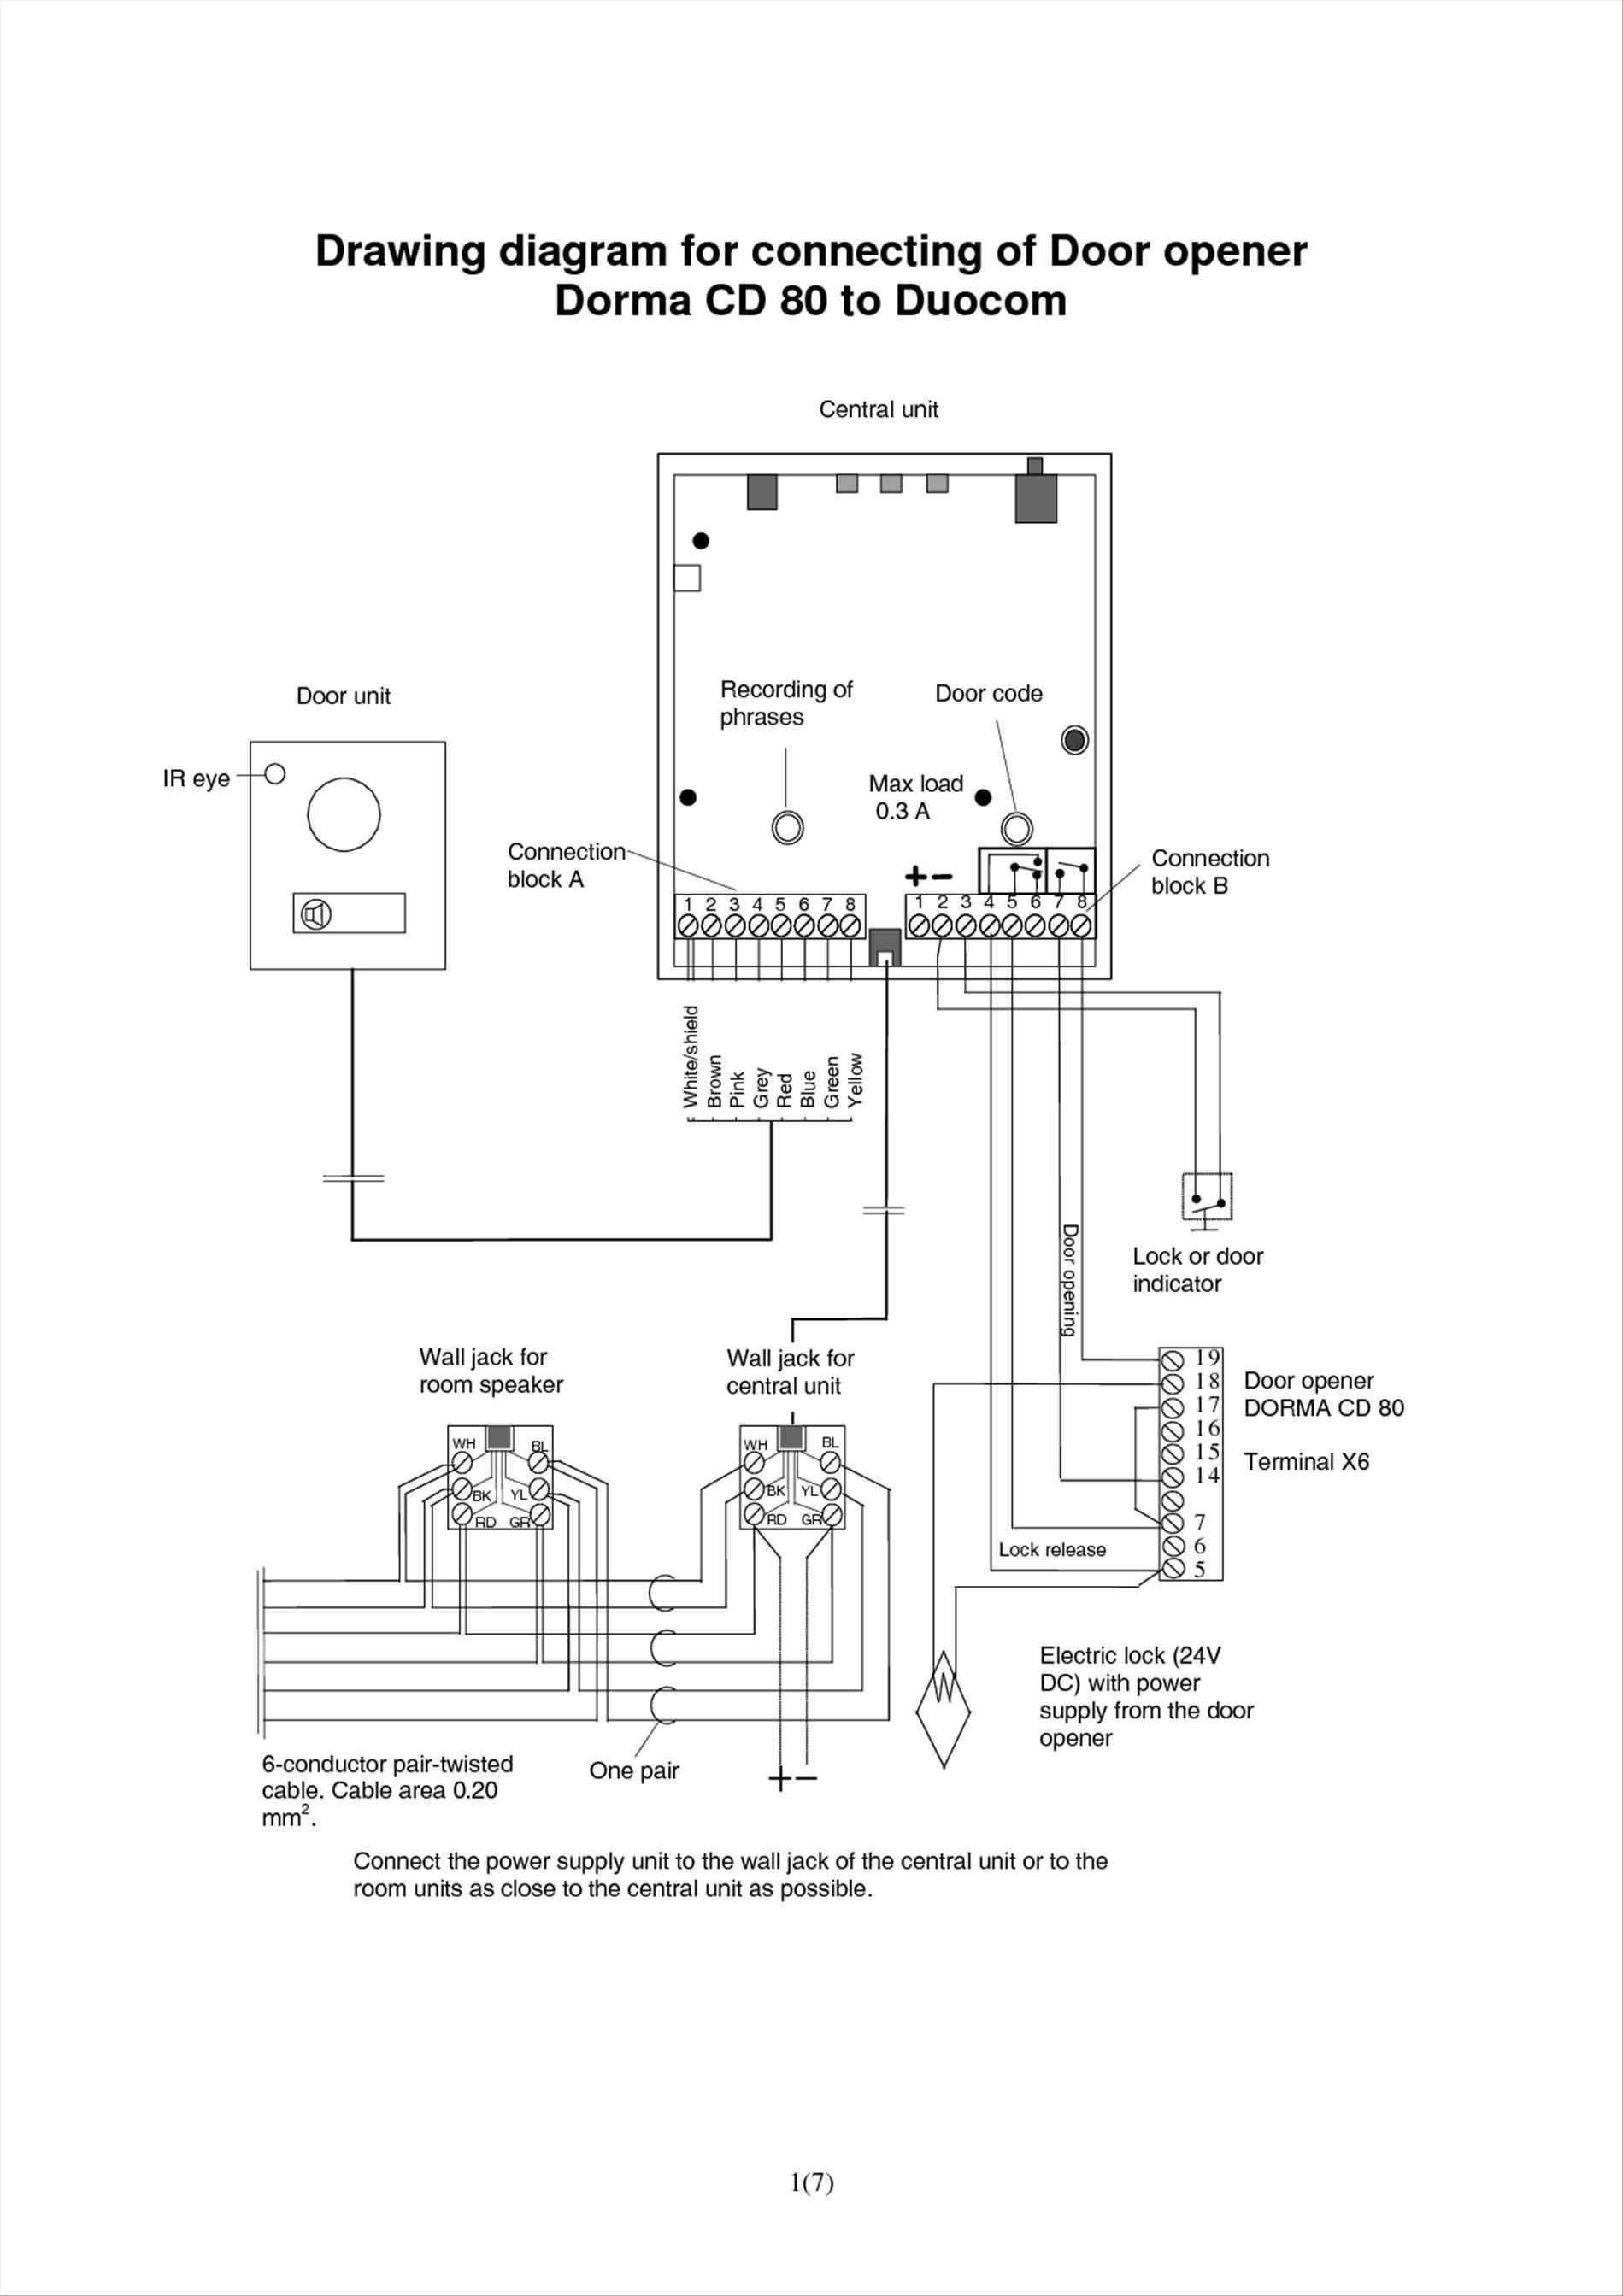 craftsman garage door opener sensor wiring diagram Download-Wiring Diagram for Stanley Garage Door Opener Fresh Sears Craftsman Garage Door Opener Wiring Diagram Download 5-m